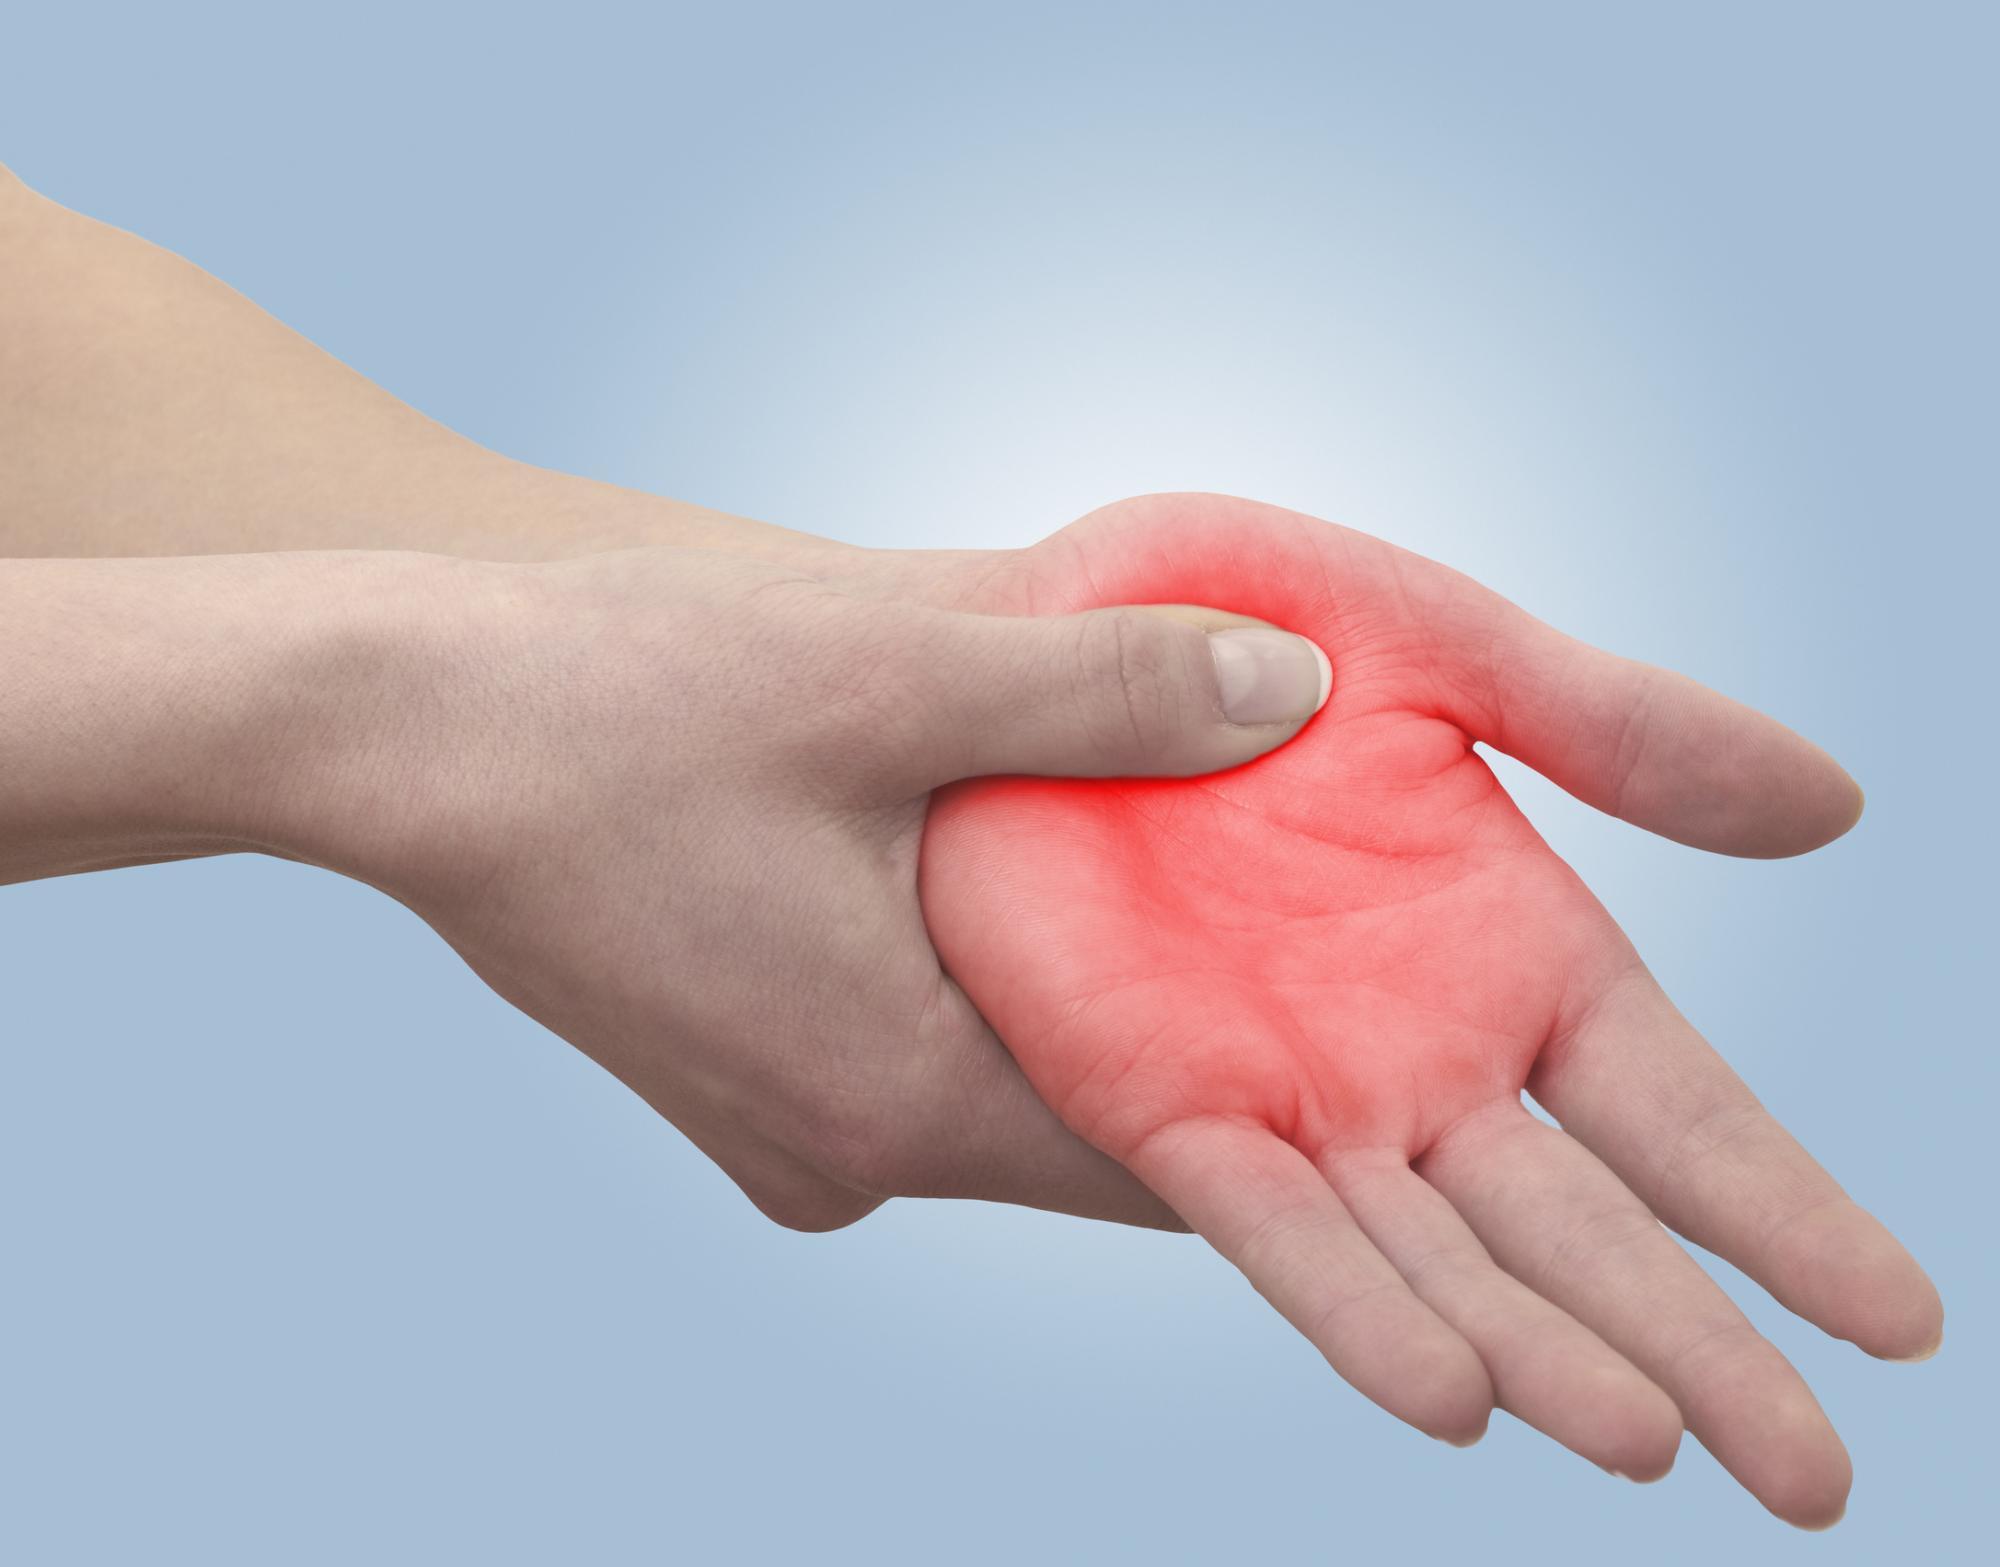 L'arthrite : une maladie auto-immune bien connue